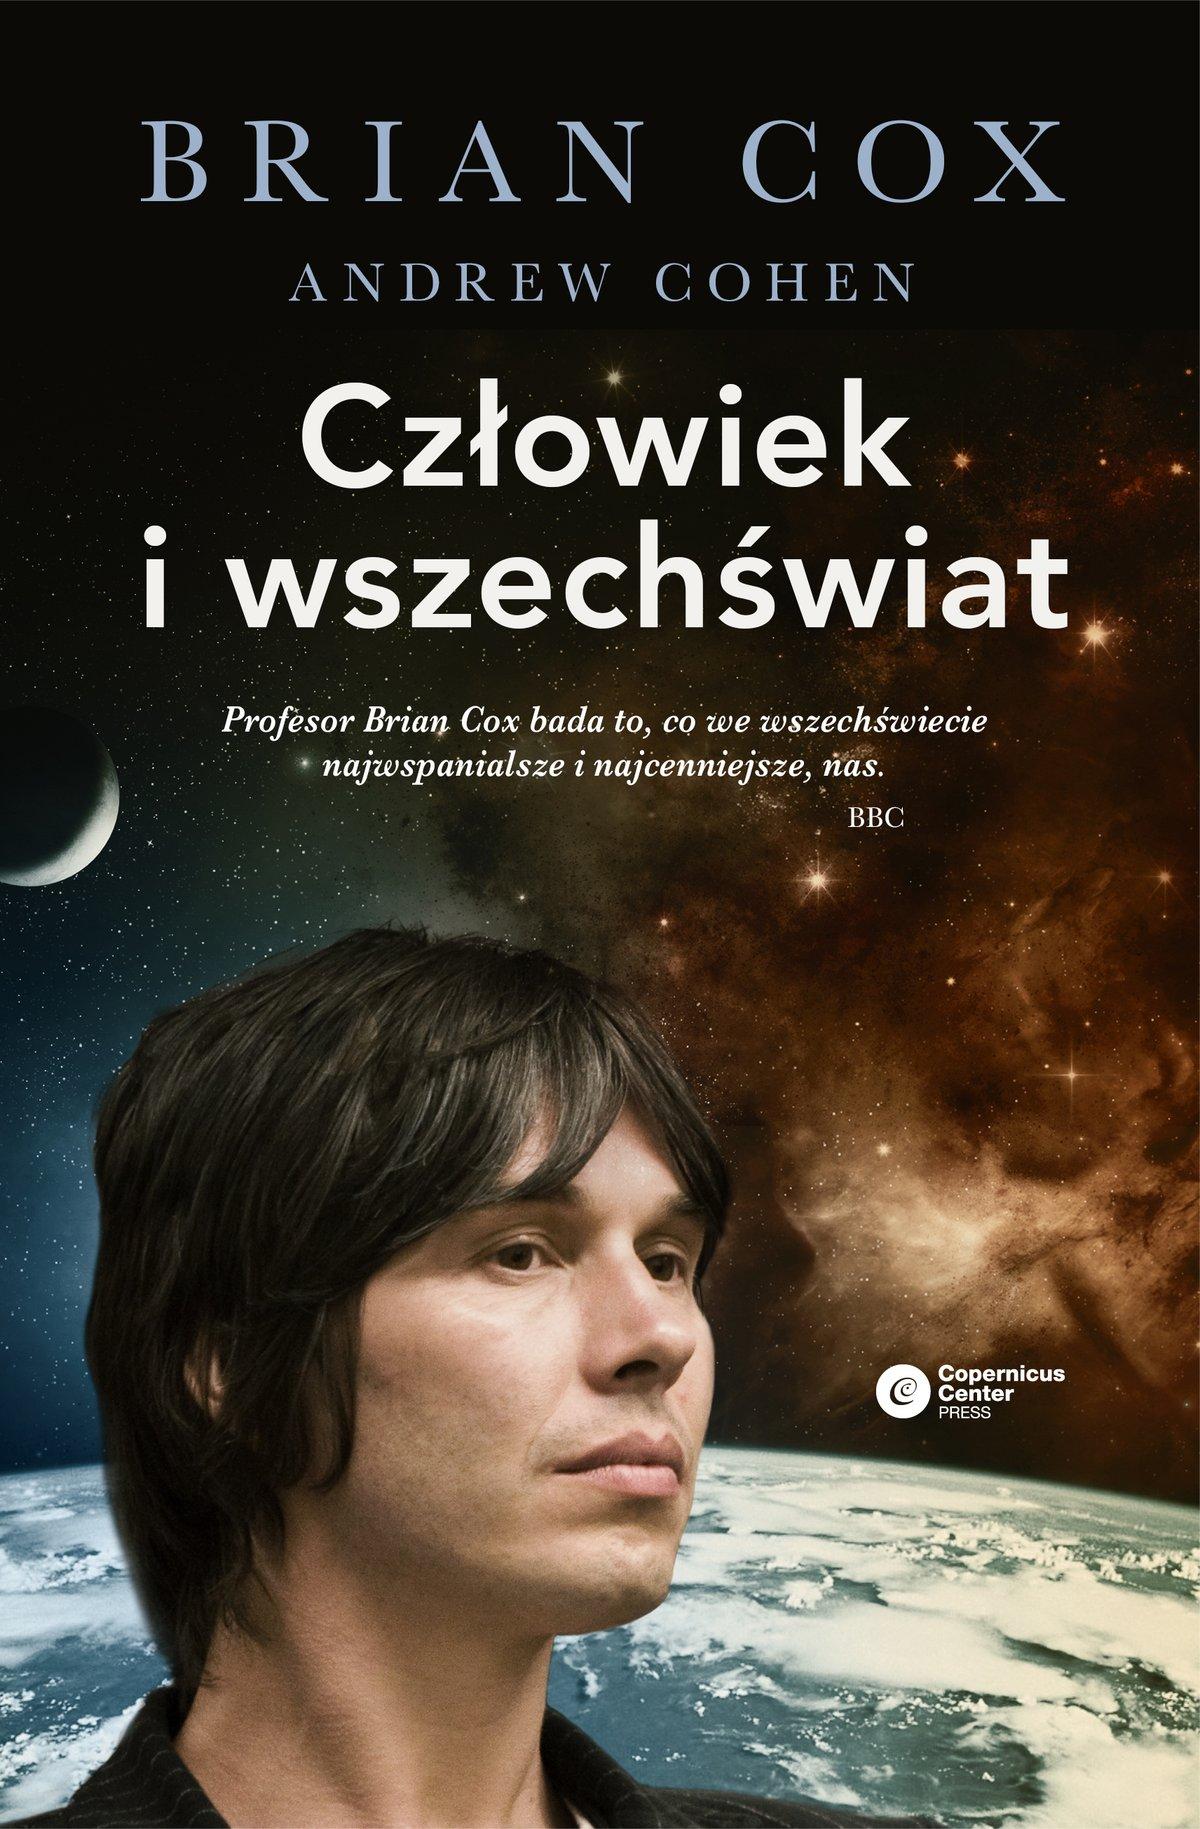 Człowiek i wszechświat - Ebook (Książka EPUB) do pobrania w formacie EPUB